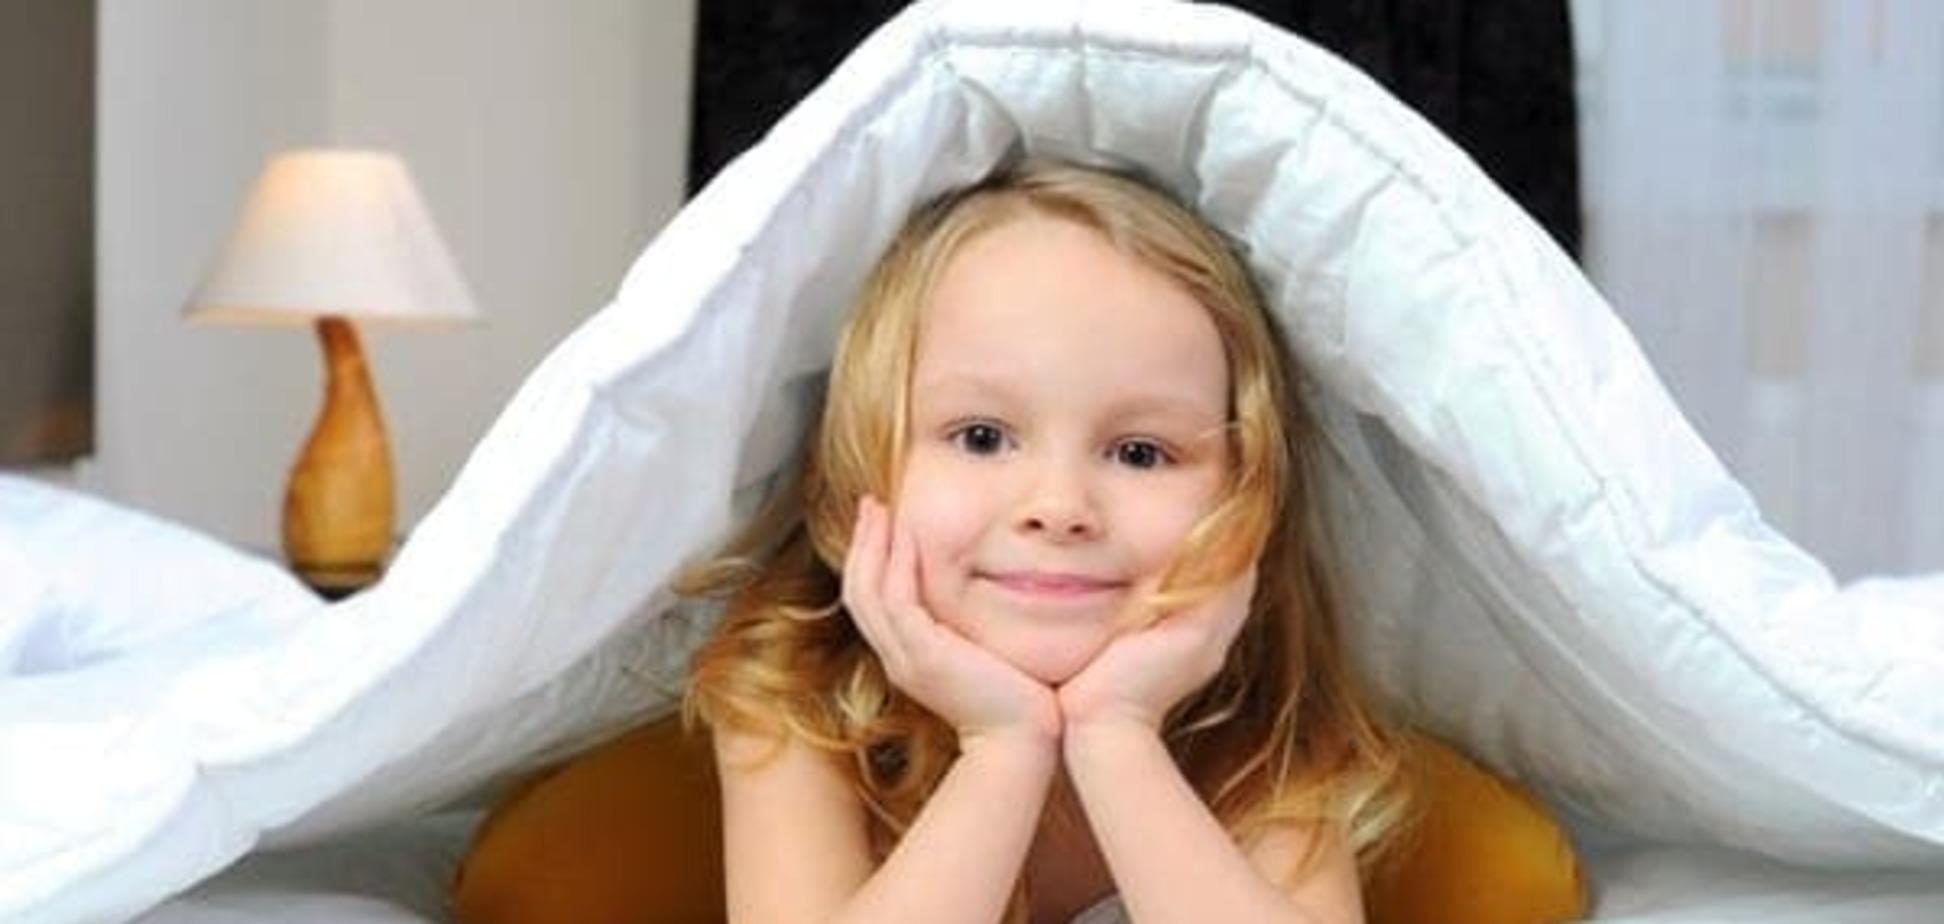 Проснись и пой: как помочь ребенку проснуться в хорошем настроении